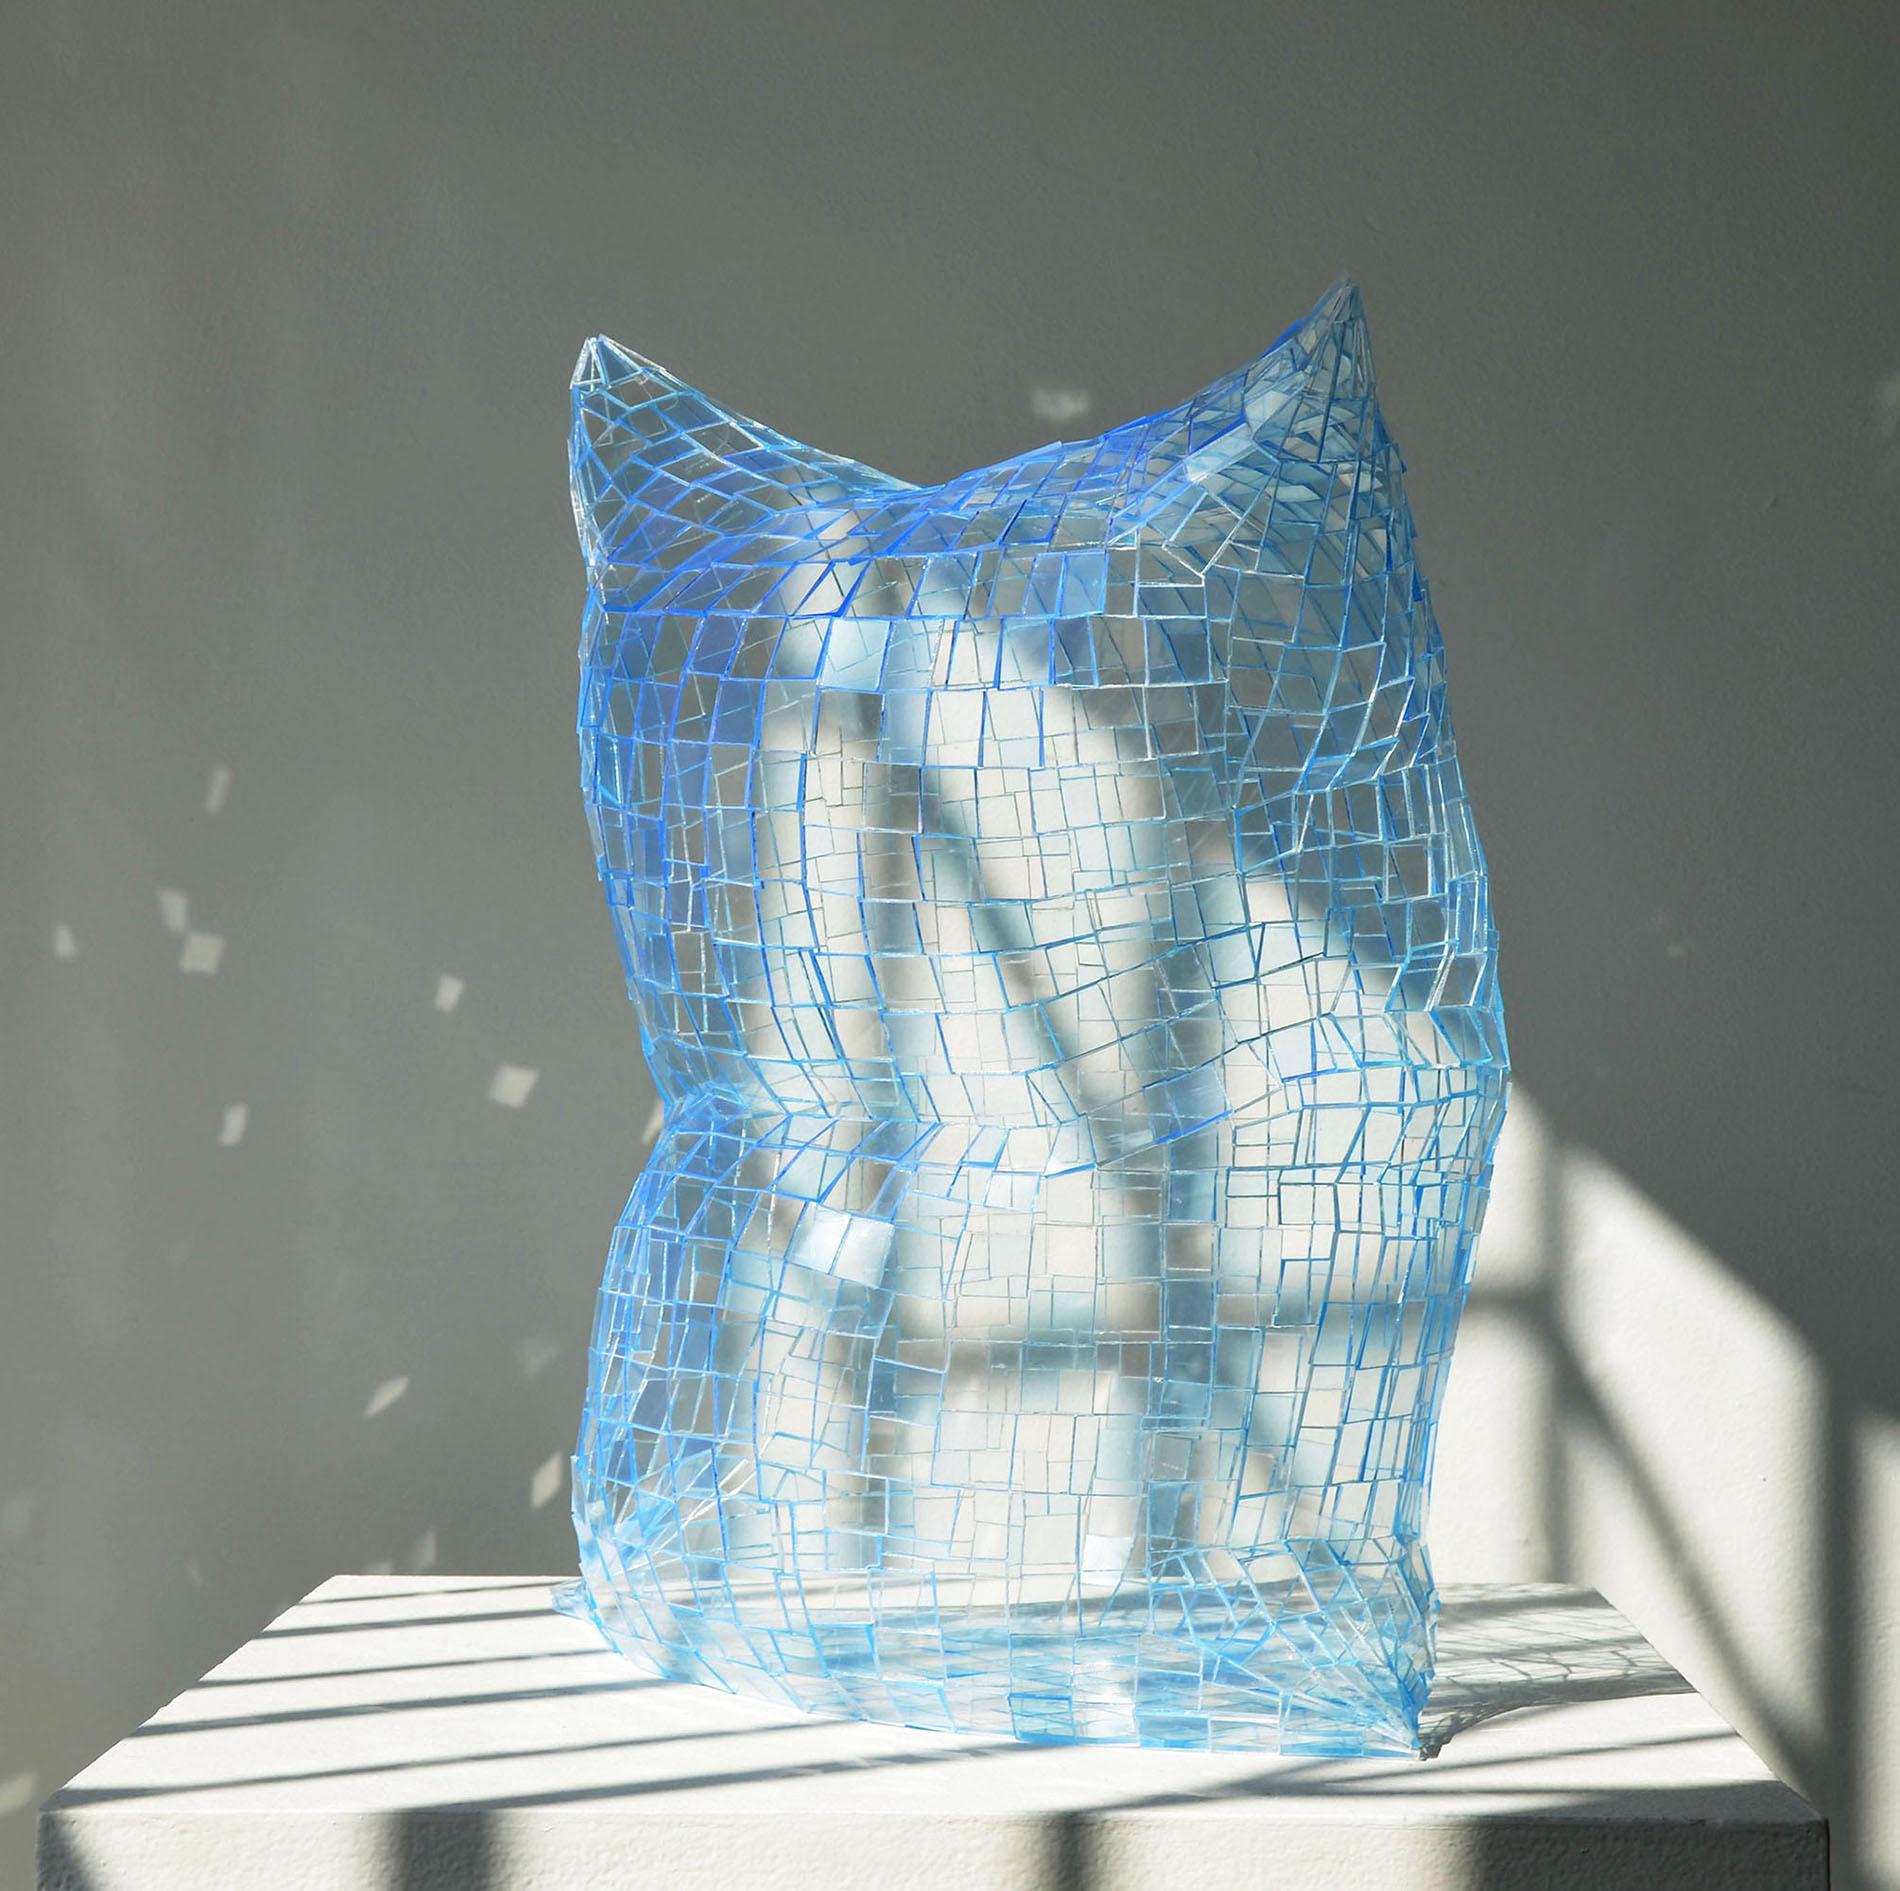 Ghost Pillow (Ice Blue), Colin Roberts Plexiglass Sculpture Transparent